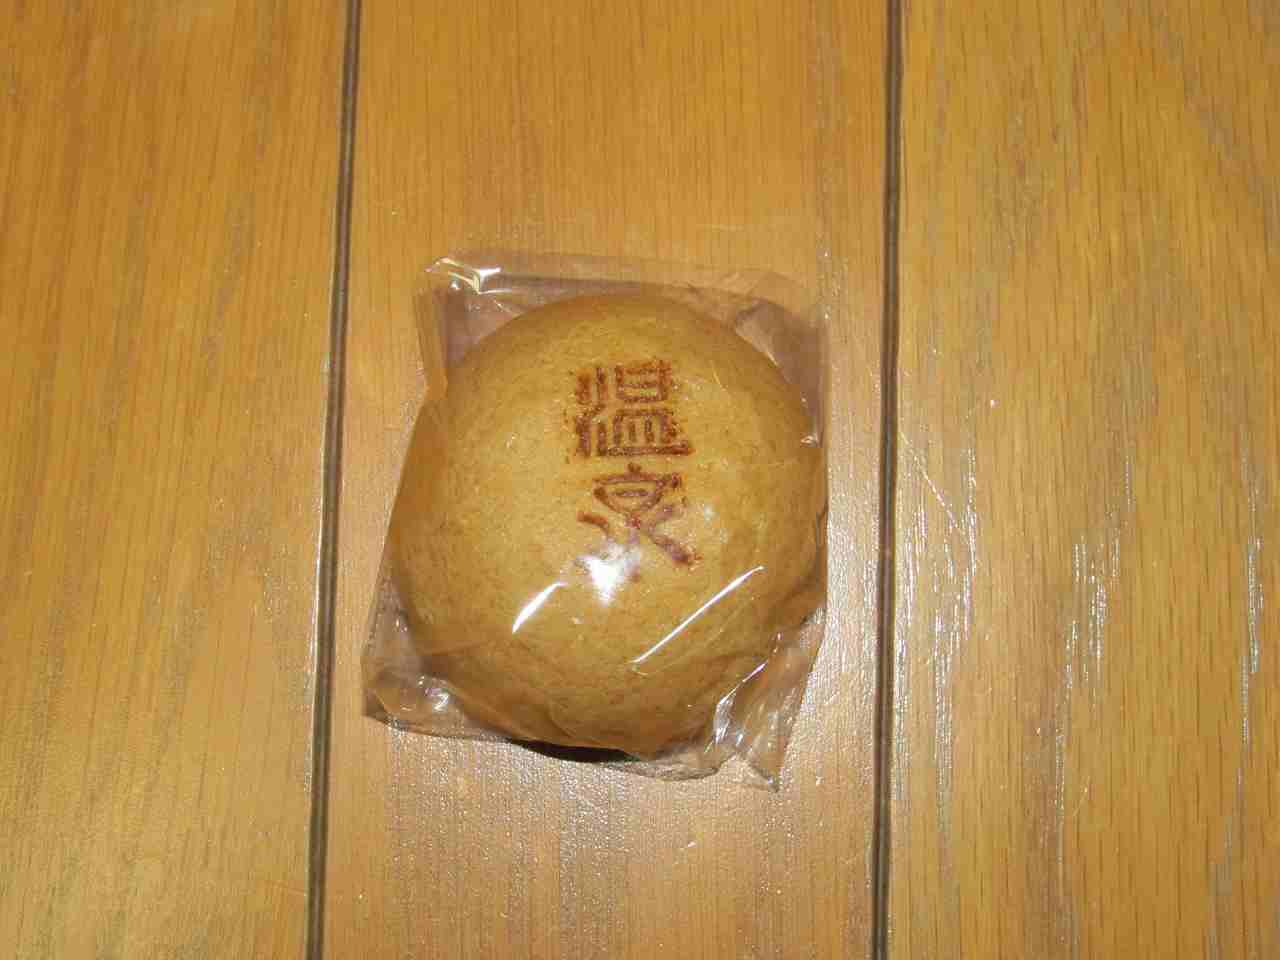 新杵製菓 name=